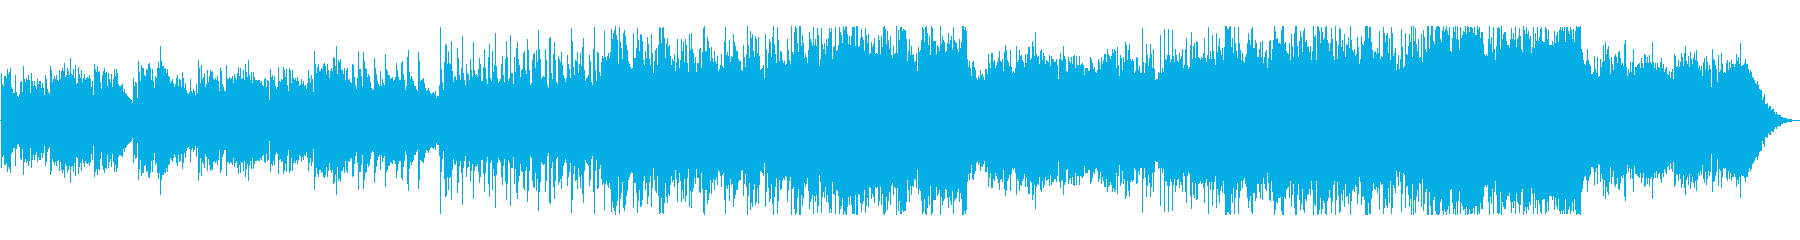 悲しみのピアノ・エレクトロの再生済みの波形